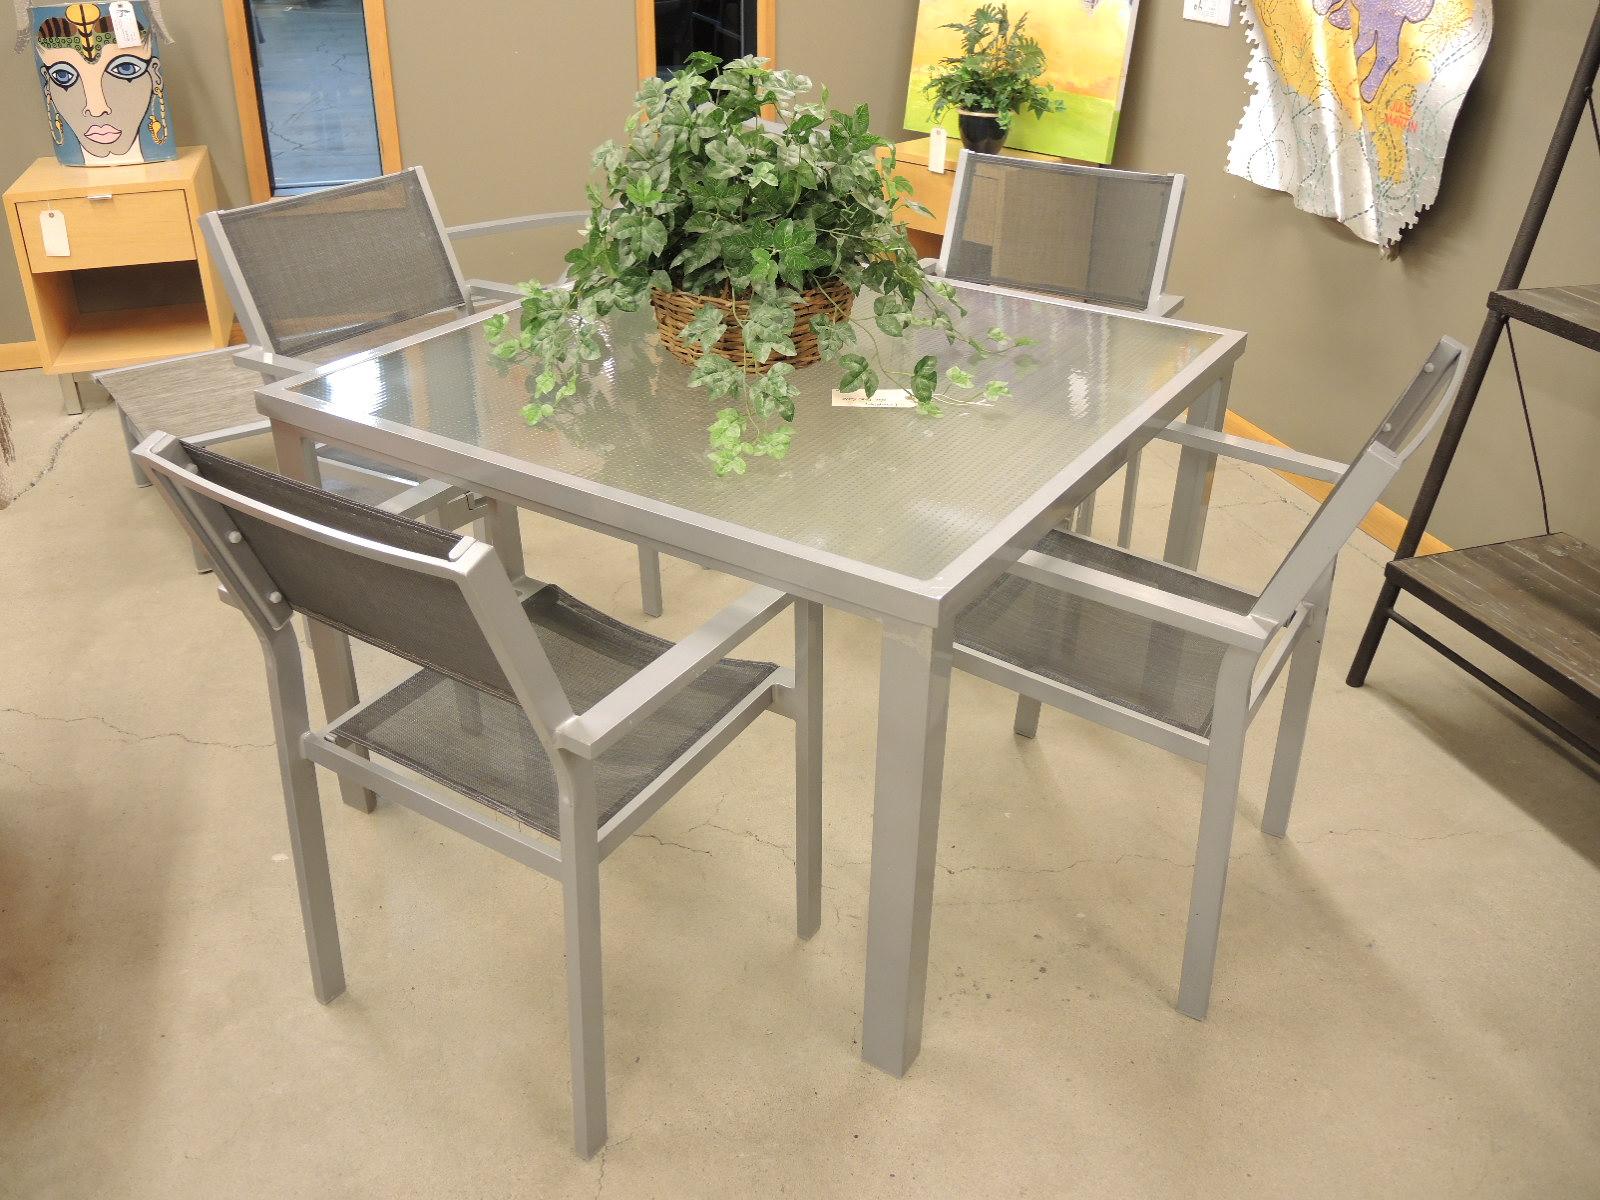 furniture consignment